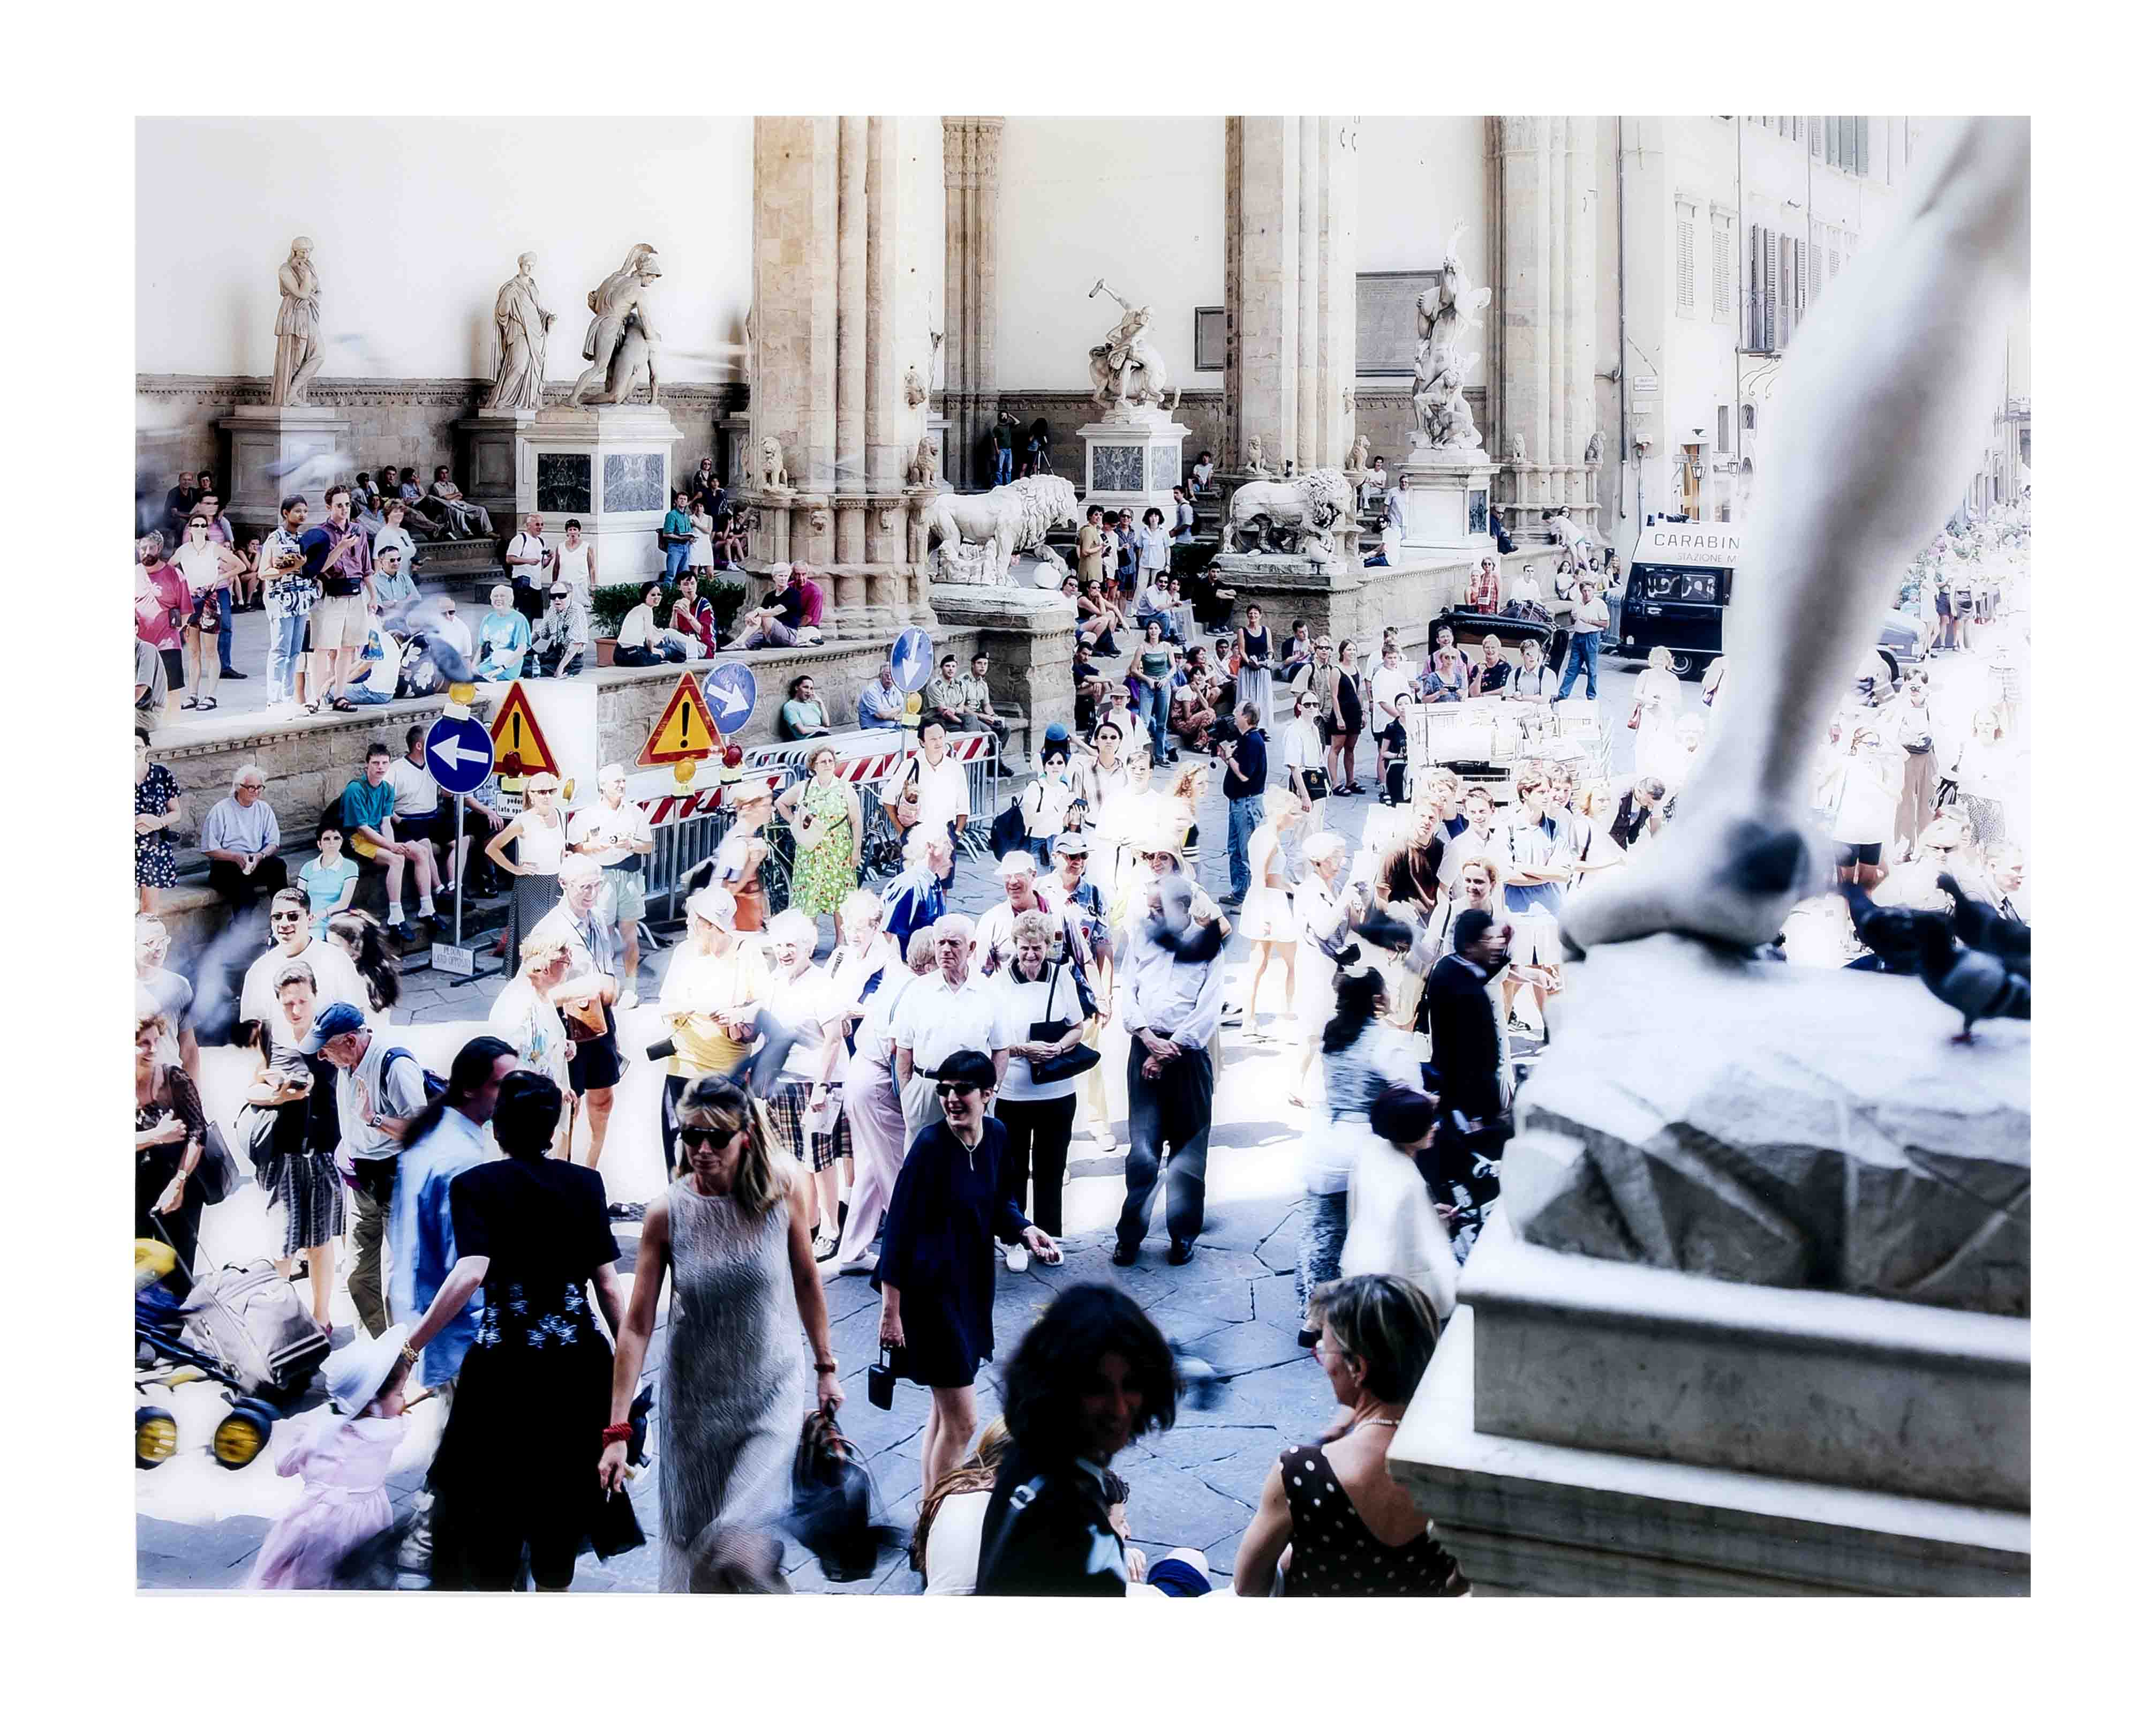 MASSIMO VITALI (*1944) - Loggia dei Lanzi in Florenz, C-Print Diasec/Aluminium, Italien 1998